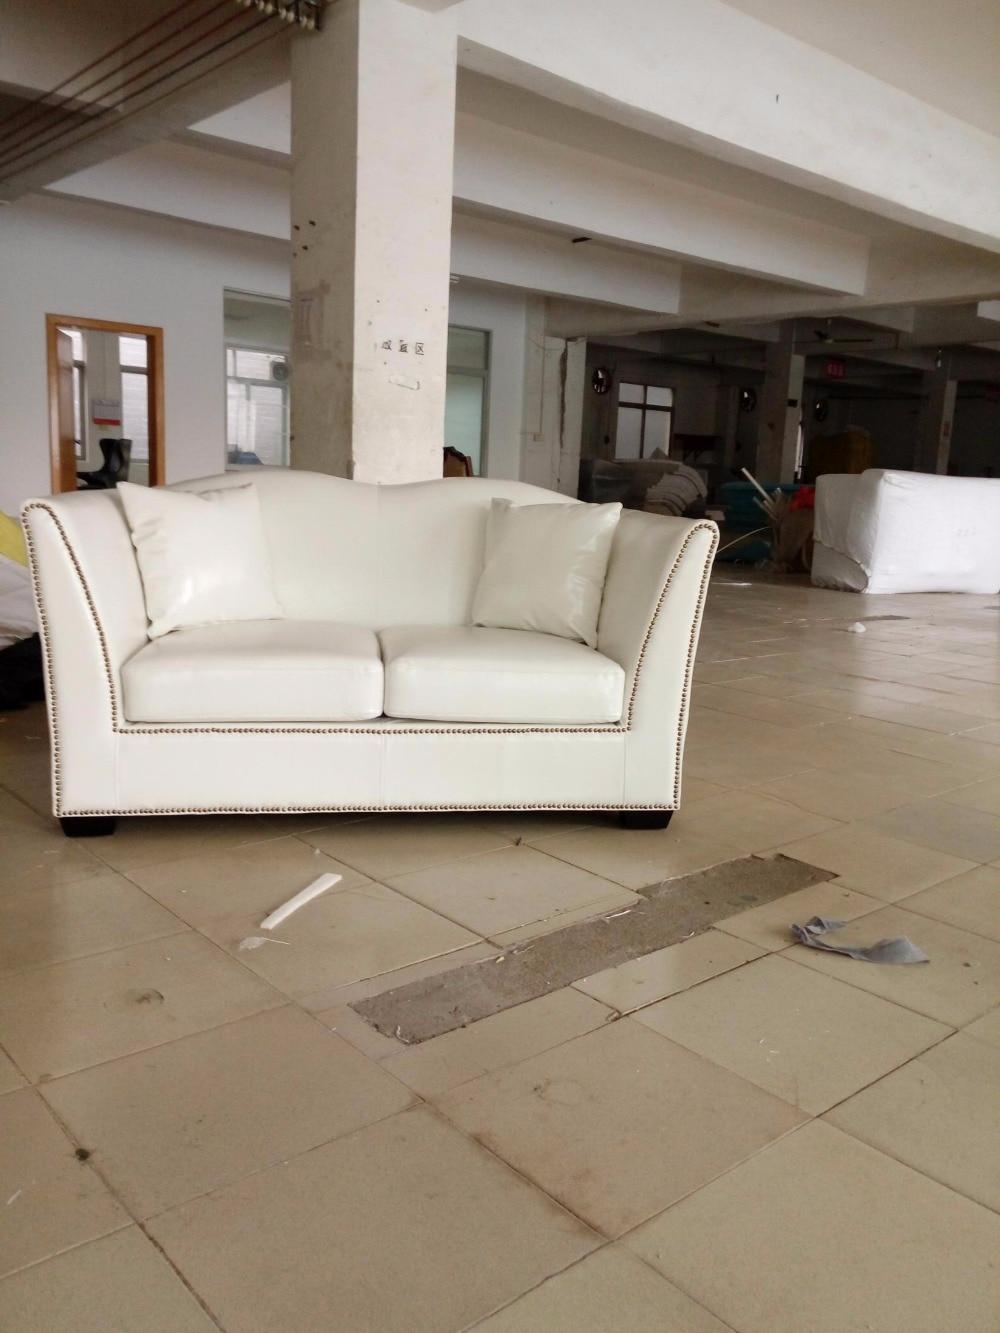 Kualitas tinggi nyata asli kulit sapi top graded sofa ruang tamu sofa furniture terbaru gaya rumah digunakan tiga kursi putih sofa di sofa ruang tamu dari